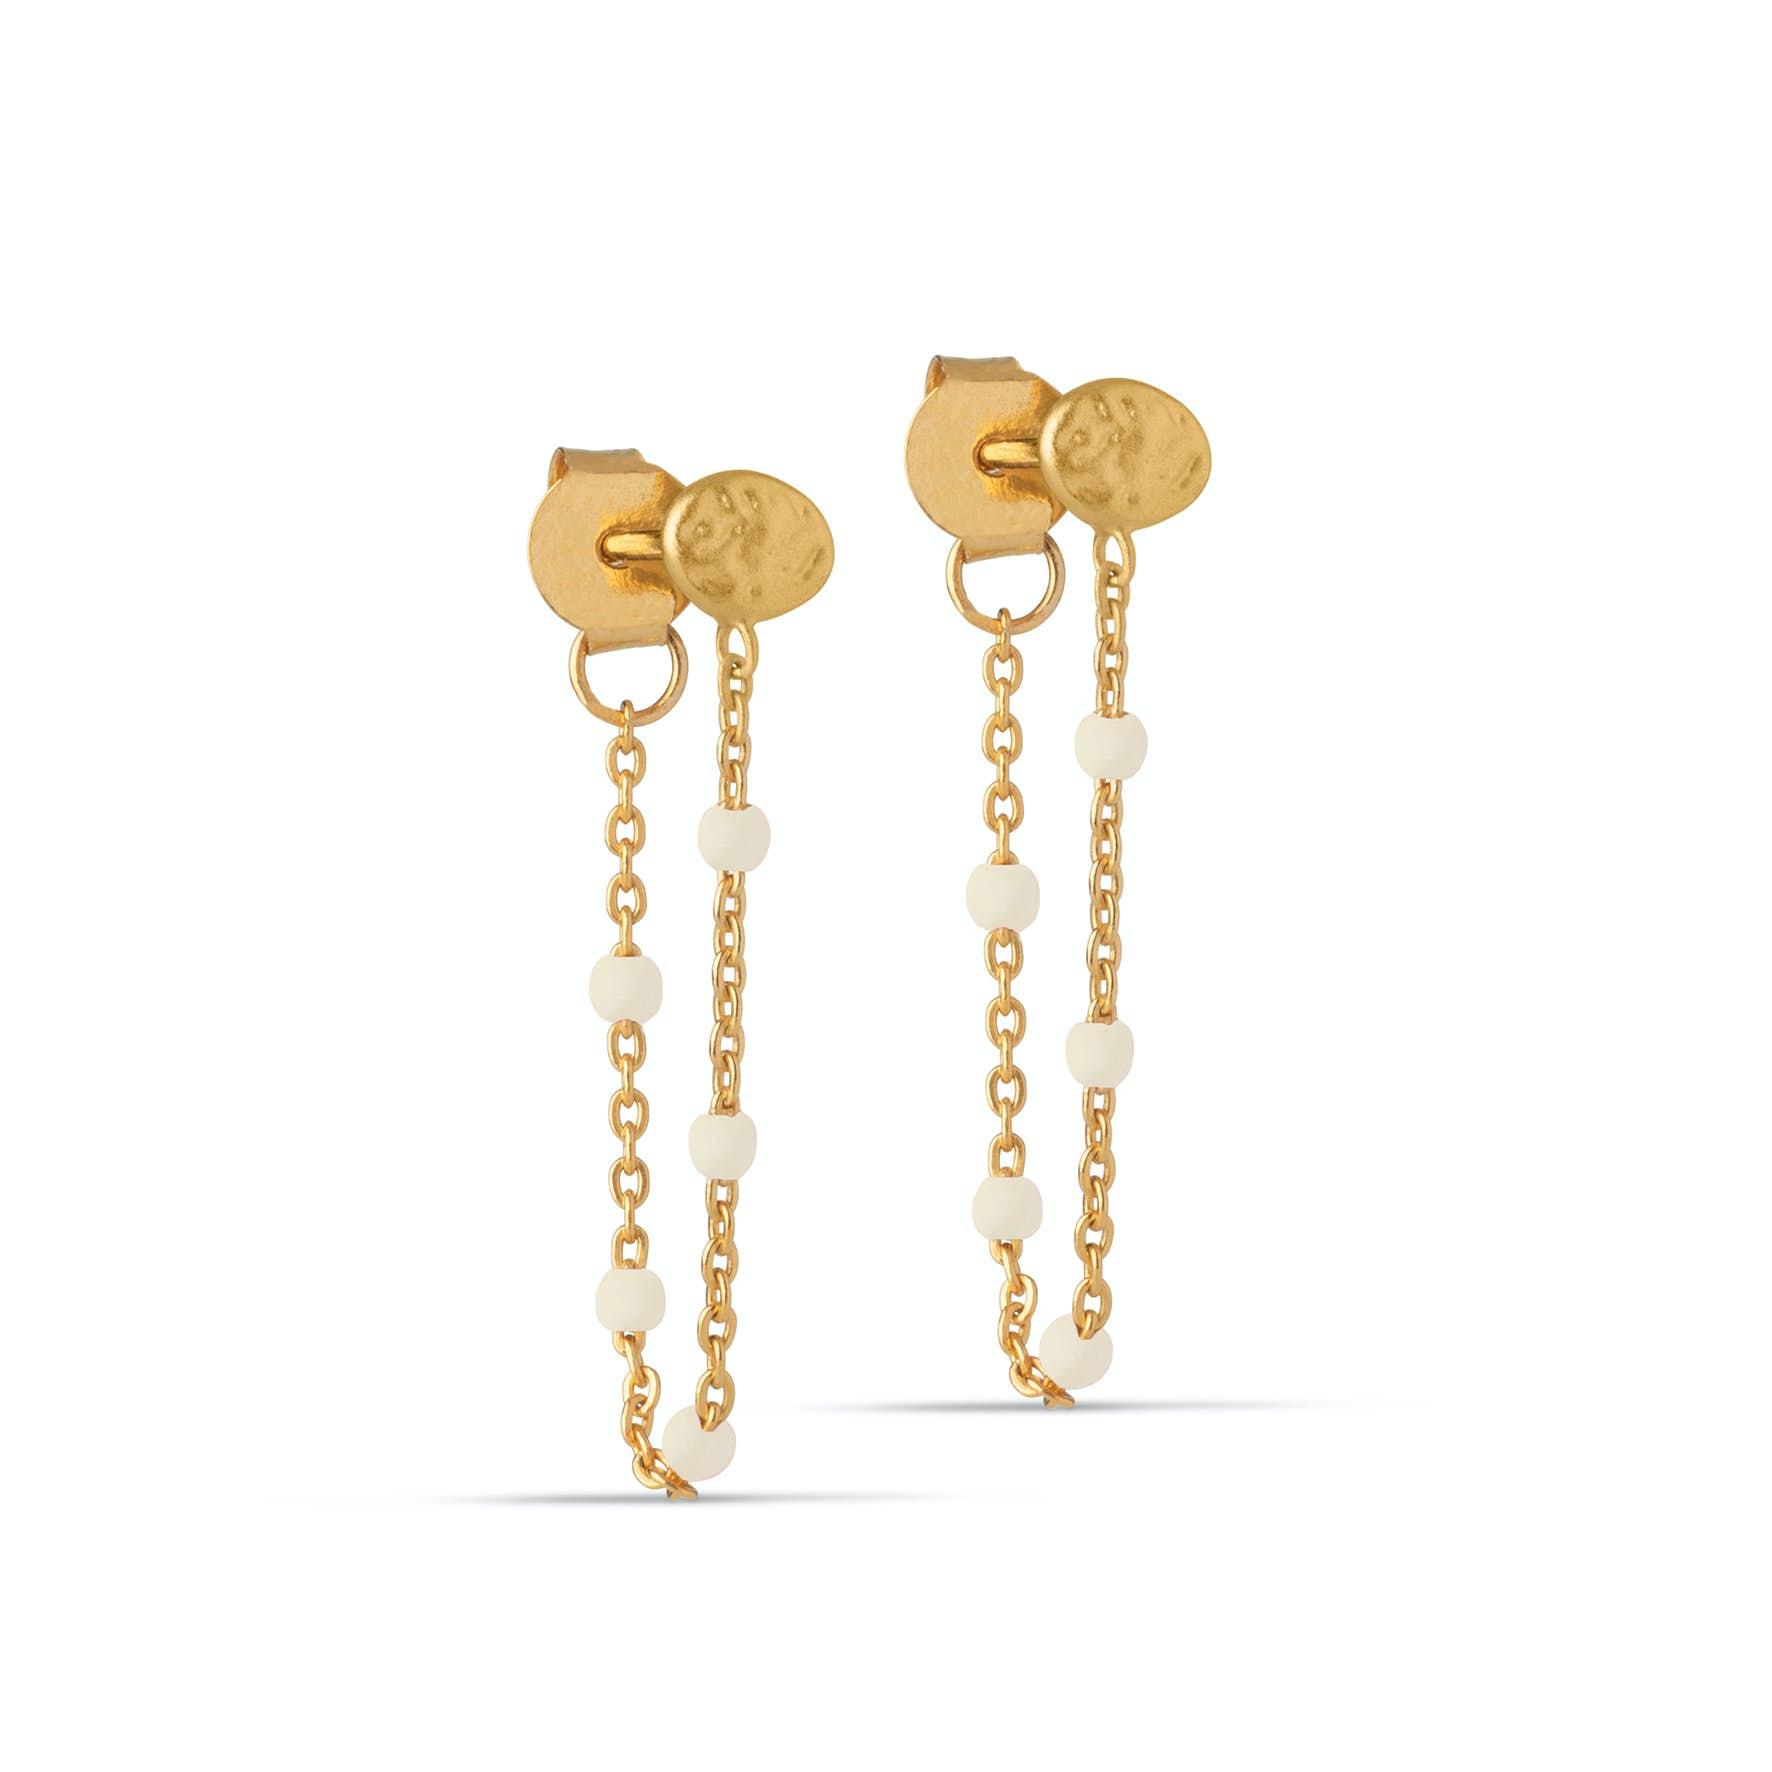 Lola Earrings Daisy from Enamel Copenhagen in Goldplated-Silver Sterling 925